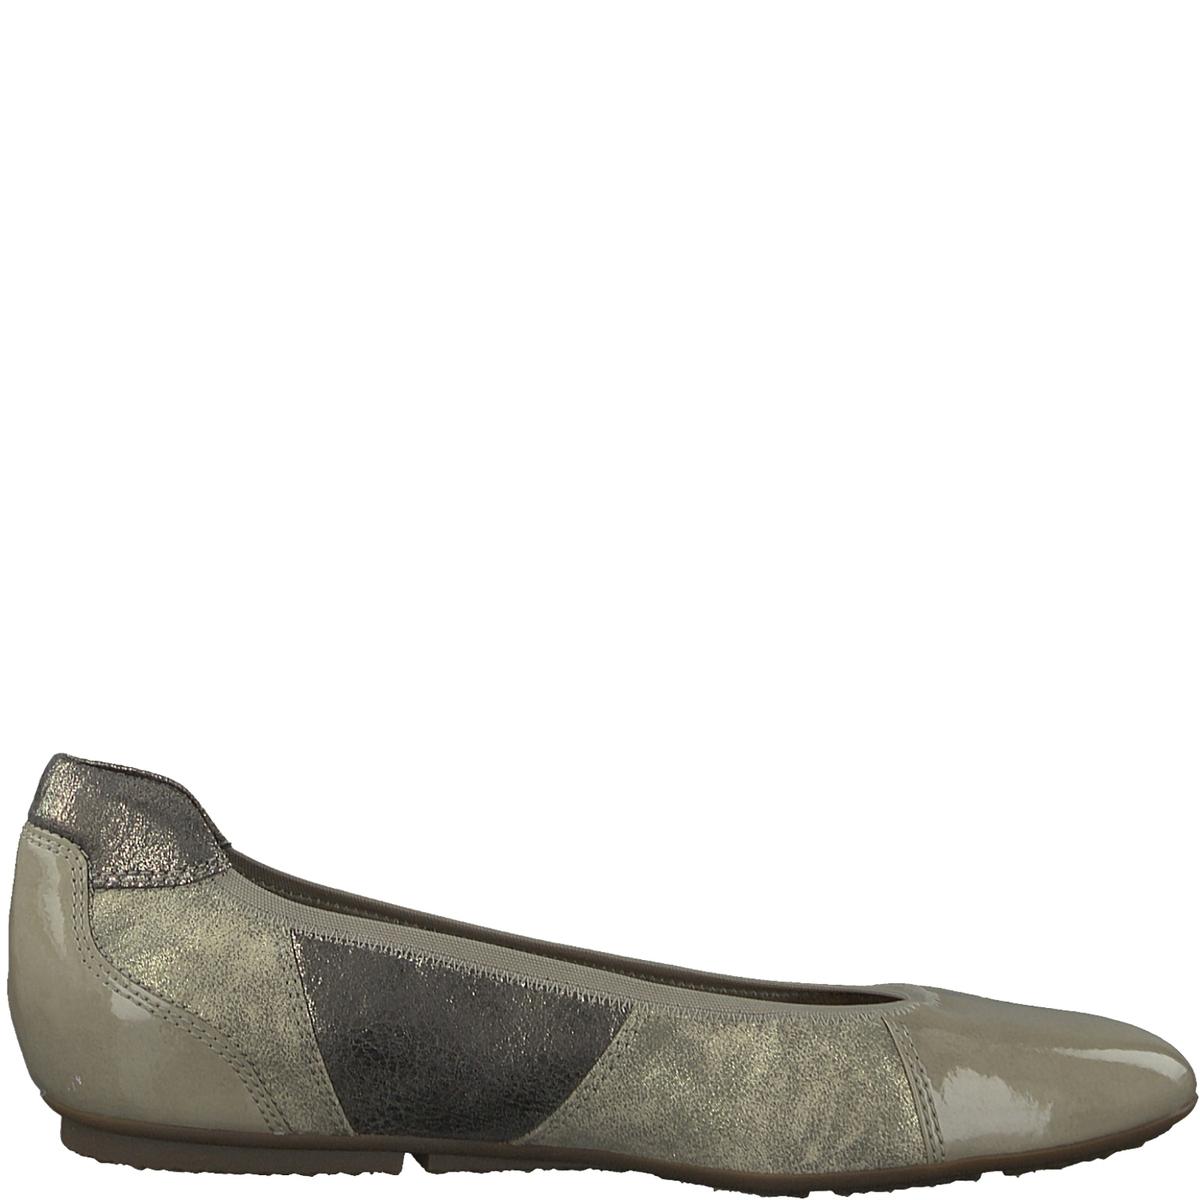 Балетки JoyaДетали •  Высота каблука : 1 см. •  Круглый мысок •  Застежка : без застежкиСостав и уход •  Верх  50% синтетического материала, 50% текстиля •  Подкладка 50% кожи, 50% текстиля<br><br>Цвет: серо-коричневый<br>Размер: 38